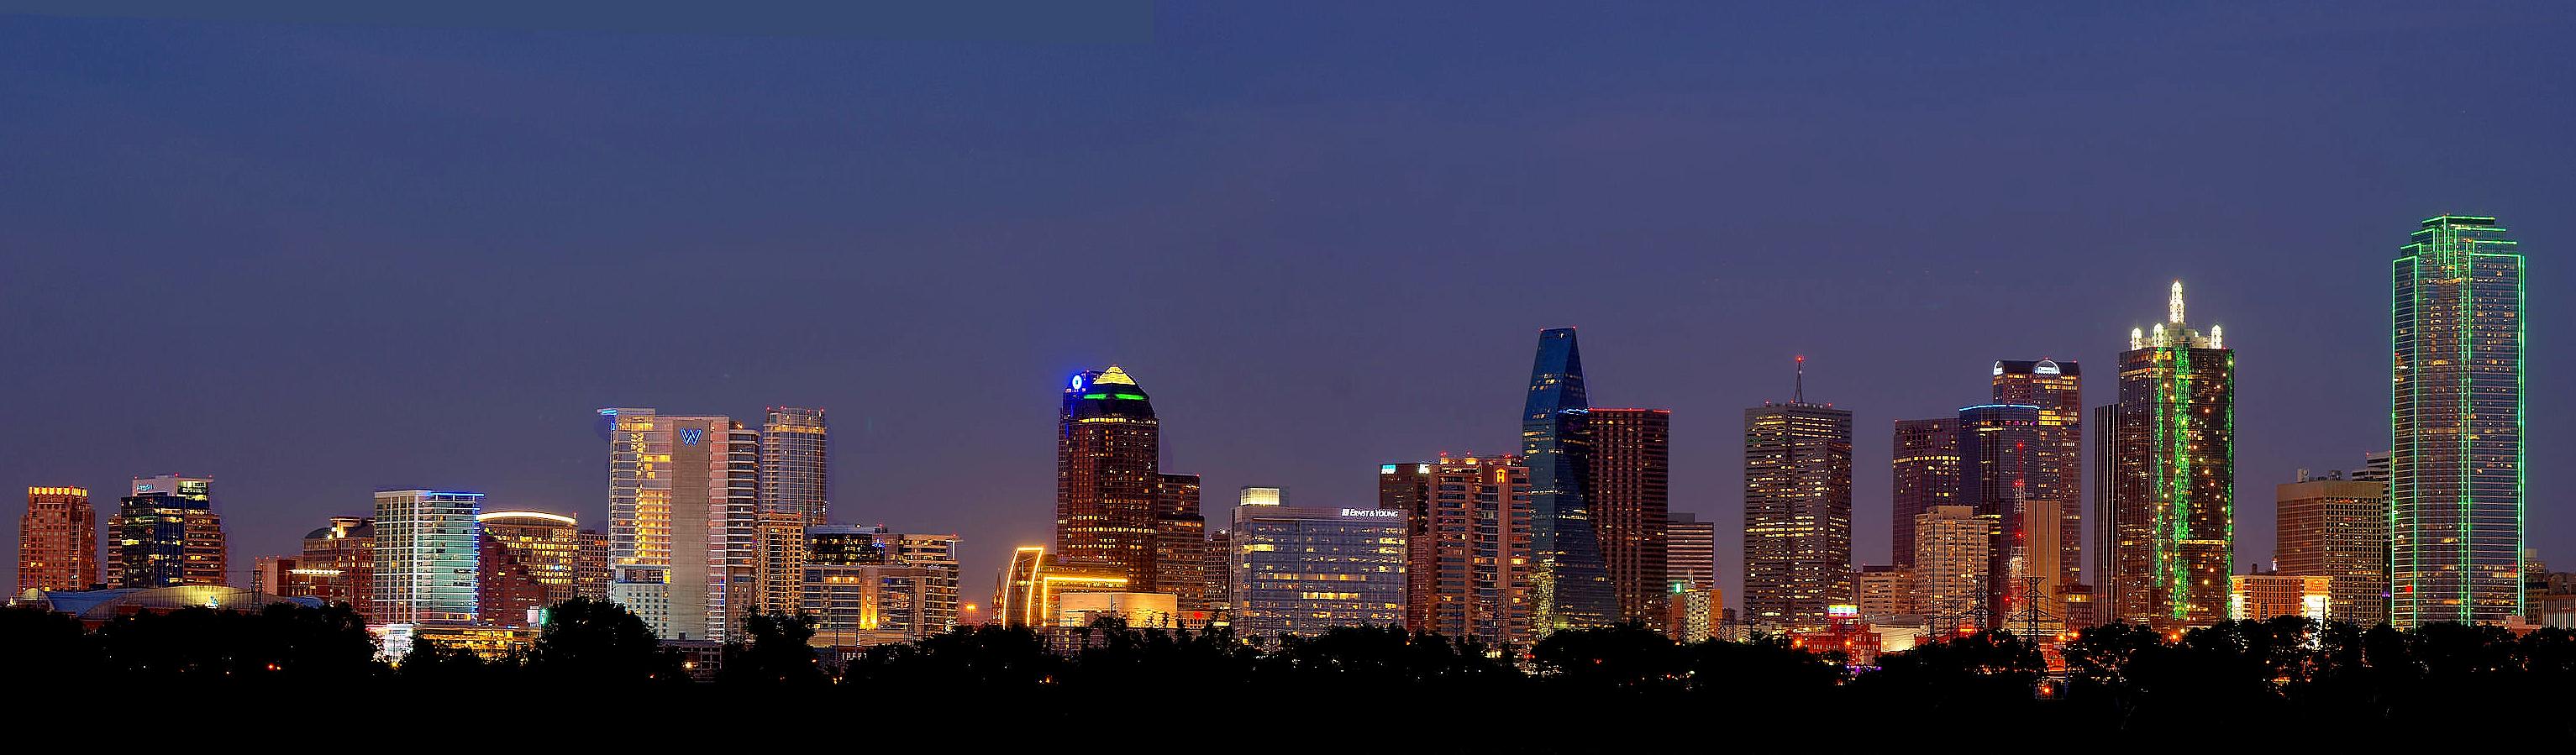 Dallas is a jewel